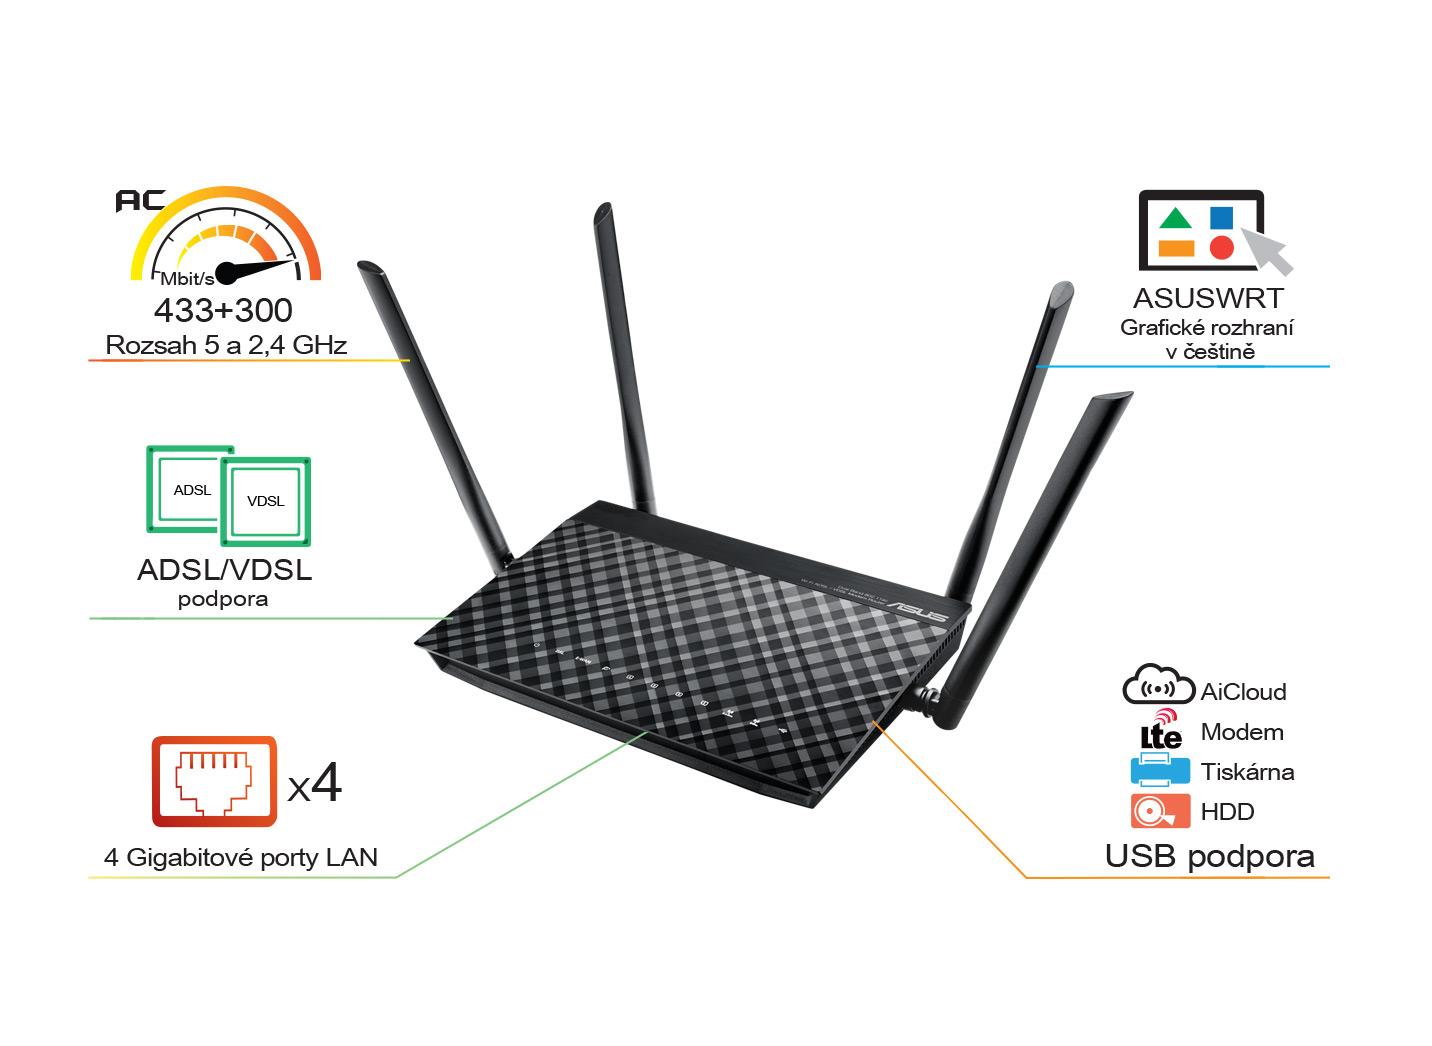 ASUS DualB ADSL/VDSL modem router DSL-AC52U